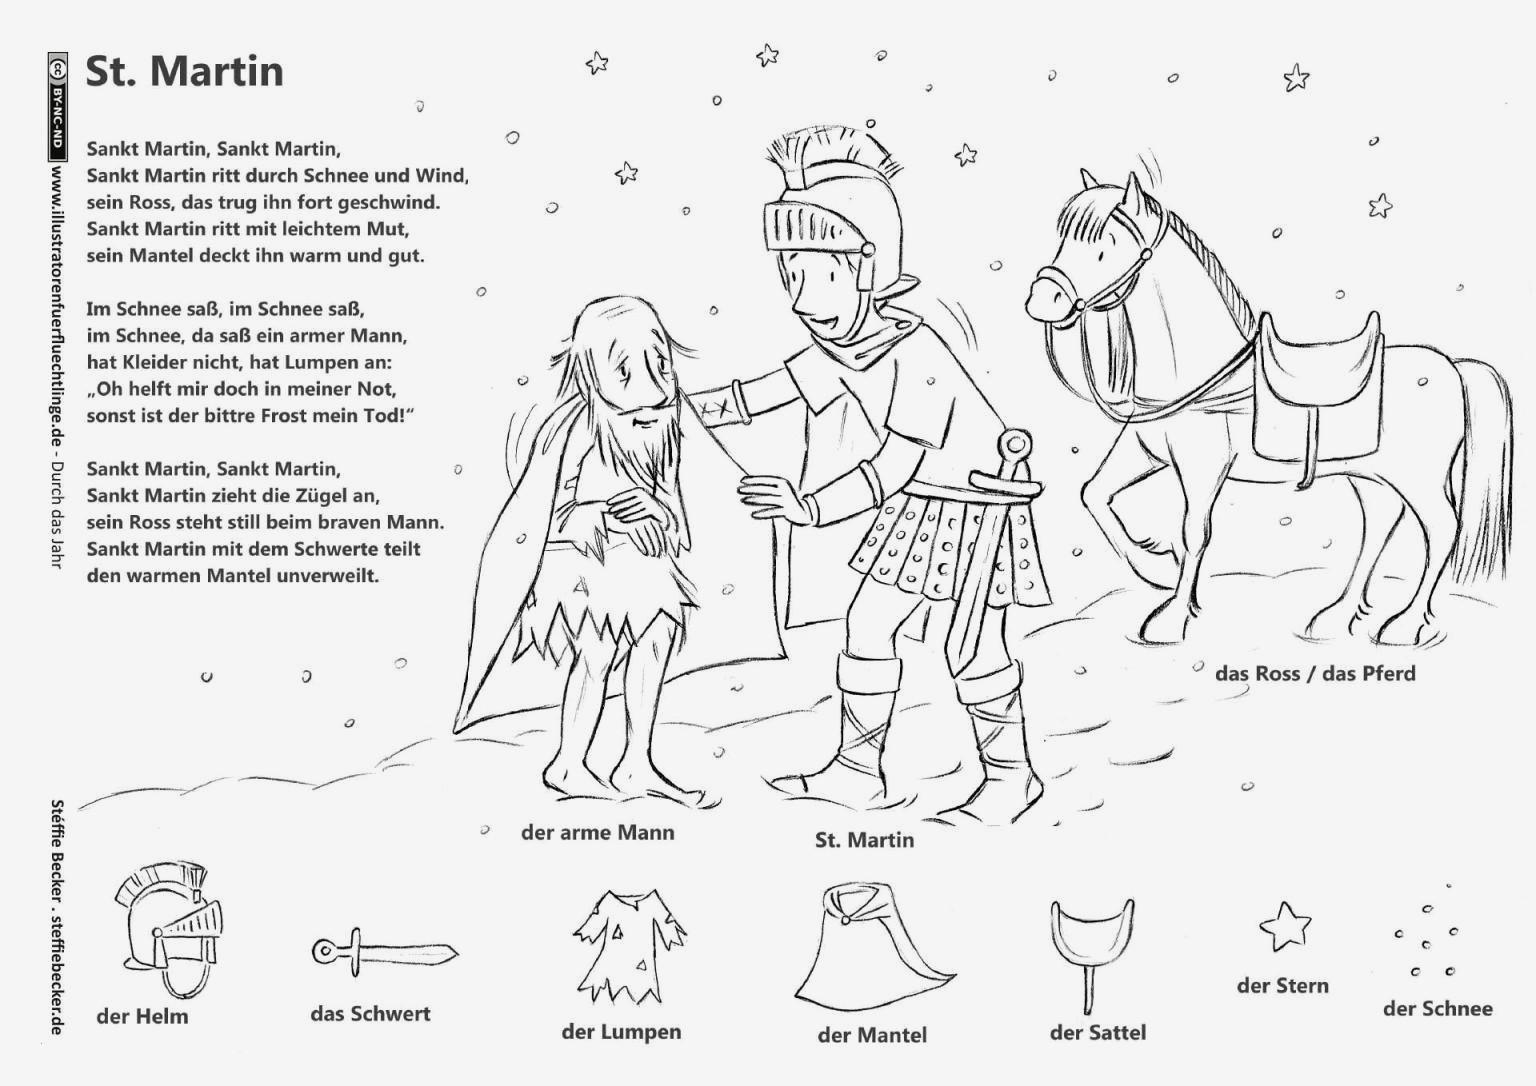 Einhorn Kopf Zum Ausmalen Inspirierend Einhorn Malvorlage Kinder Verschiedene Bilder Färben Bayern Sammlung